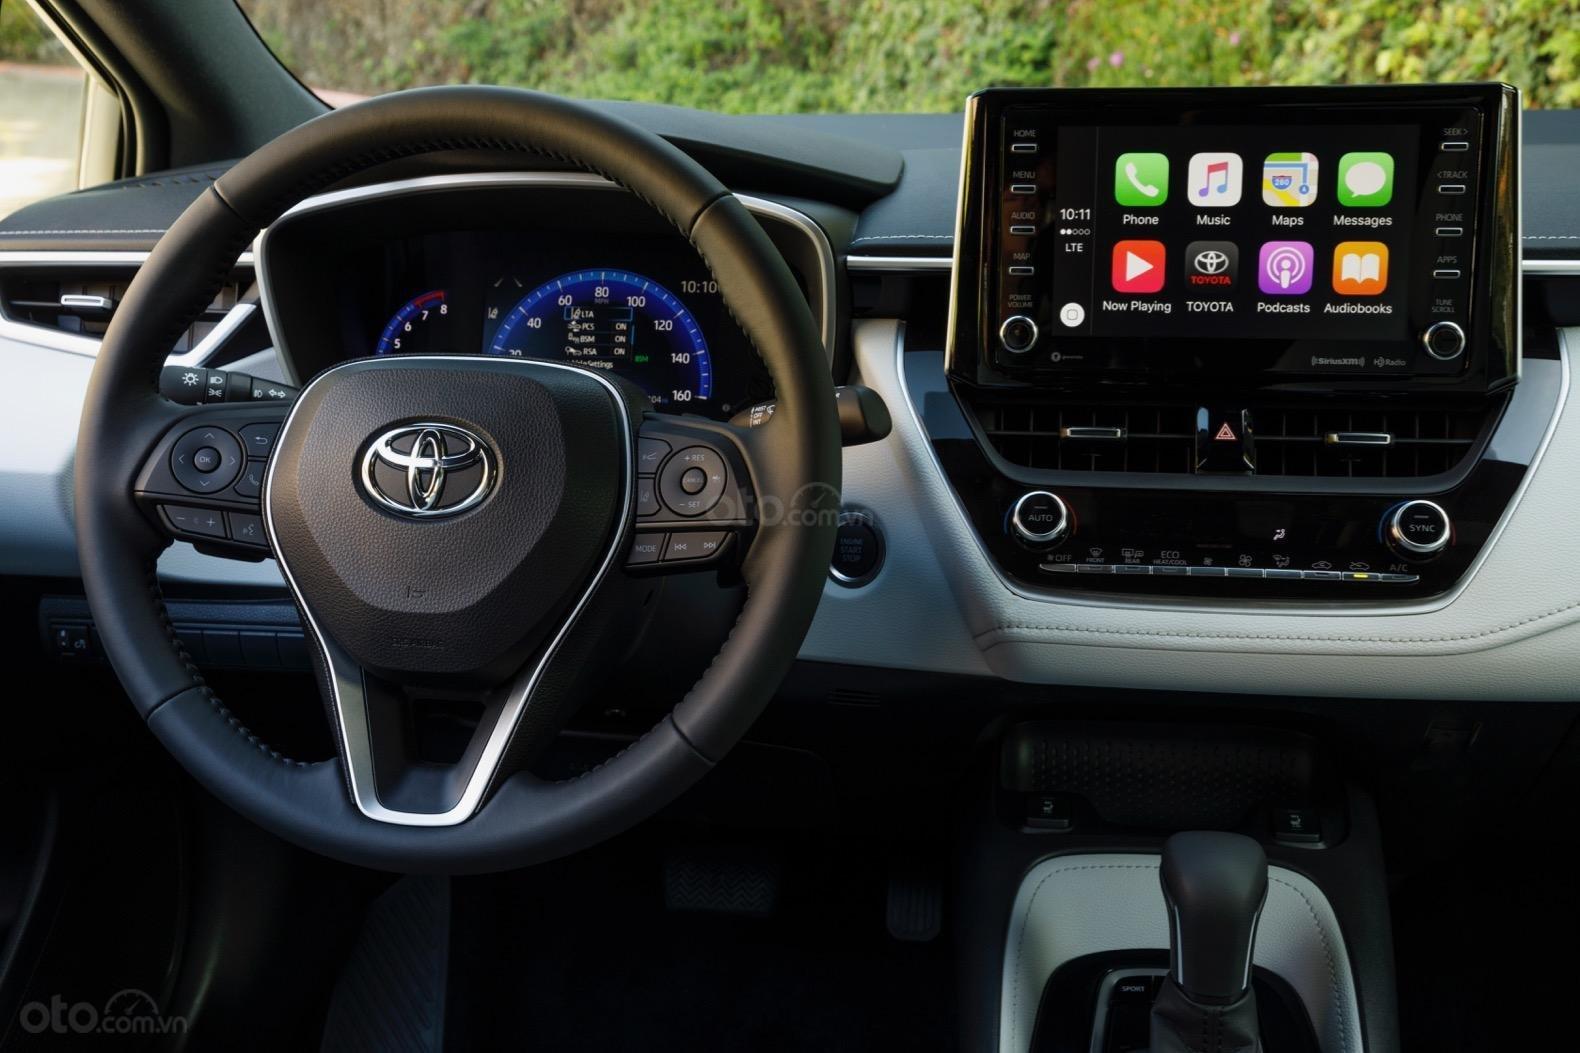 Toyota sẽ sử dụng Android Auto cho các phương tiện